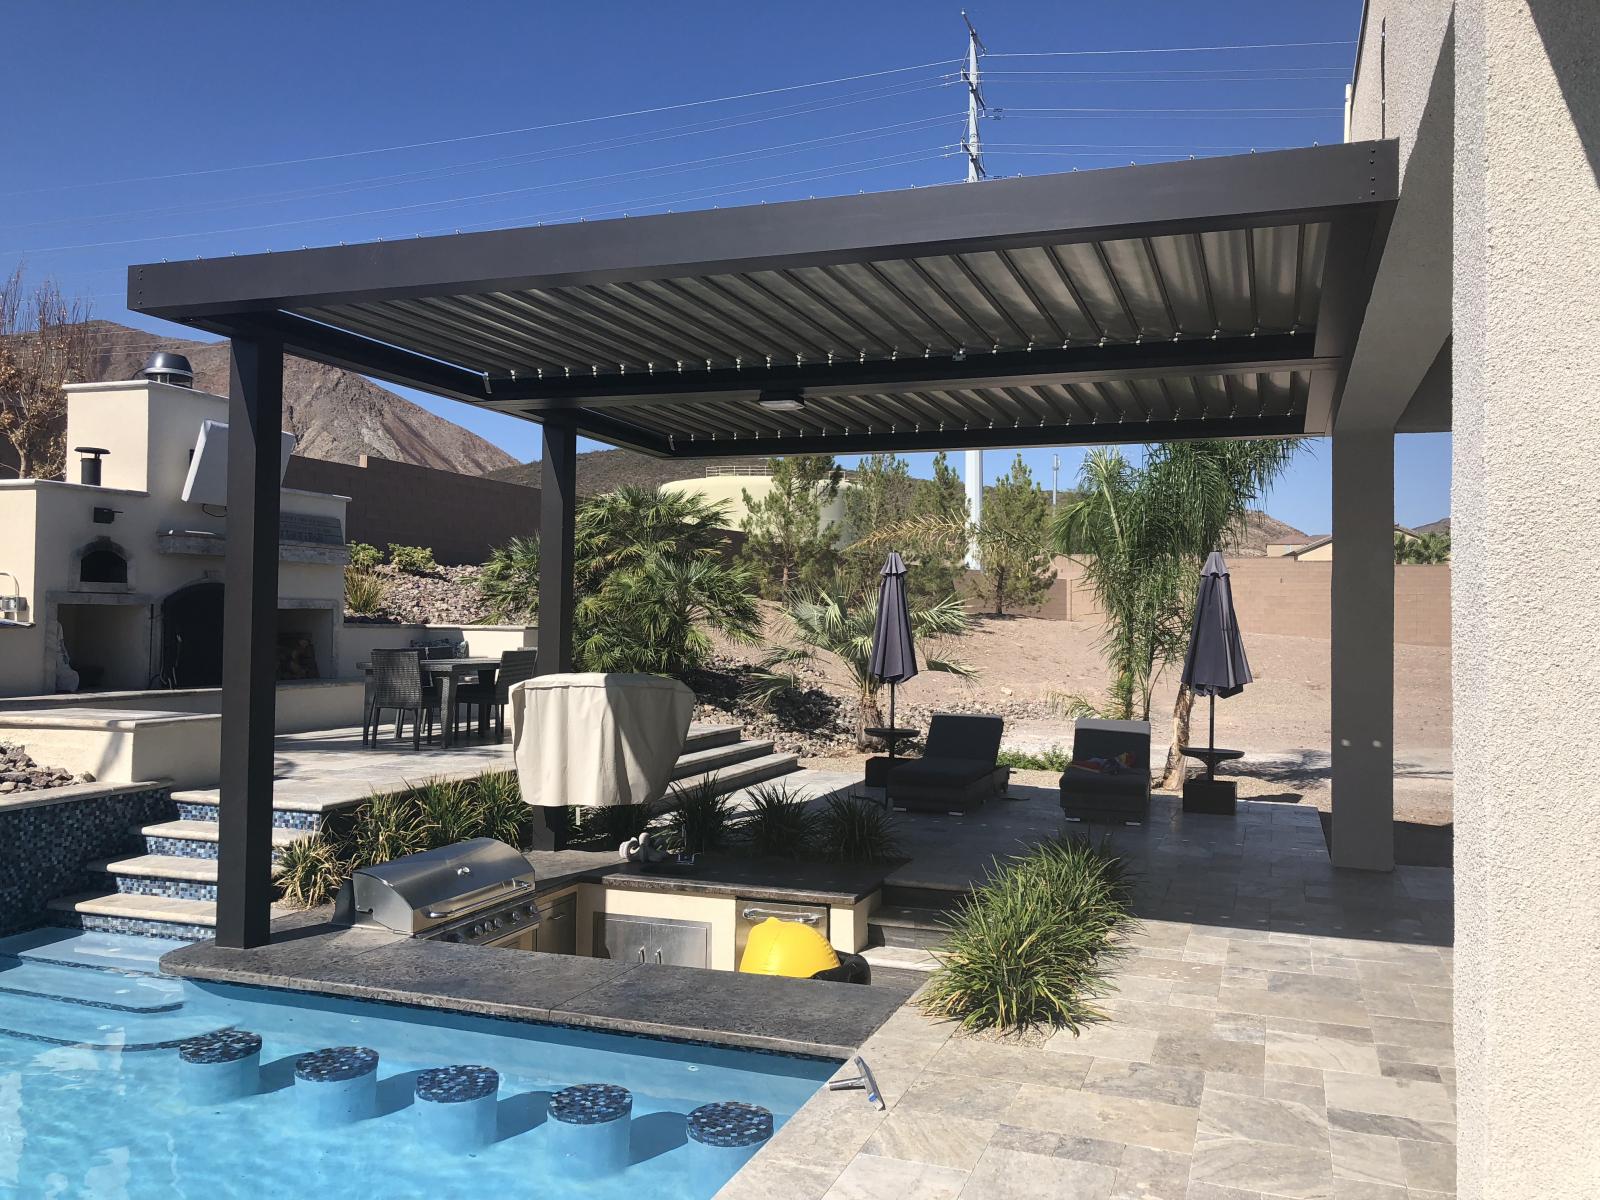 Adjustable Amp Retractable Patio Covers Las Vegas